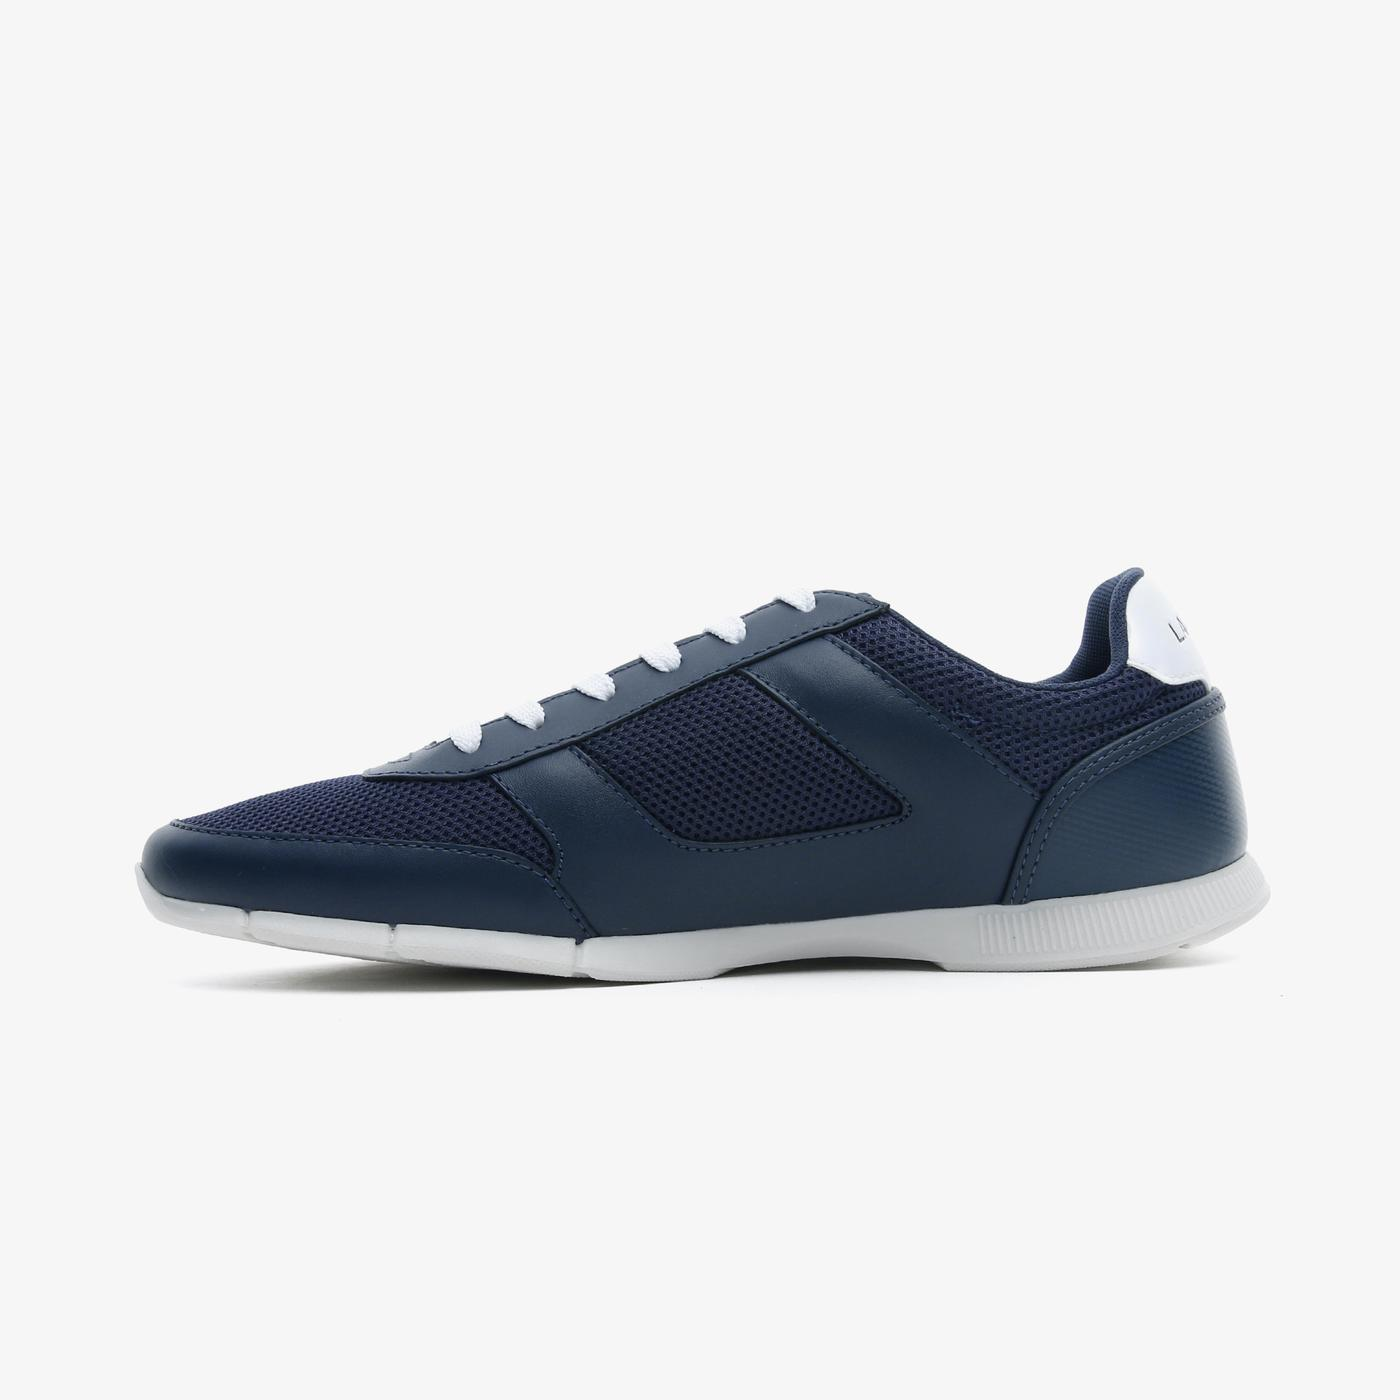 Lacoste Menerva Sport 0721 1 Cma Erkek Lacivert - Beyaz Spor Ayakkabı